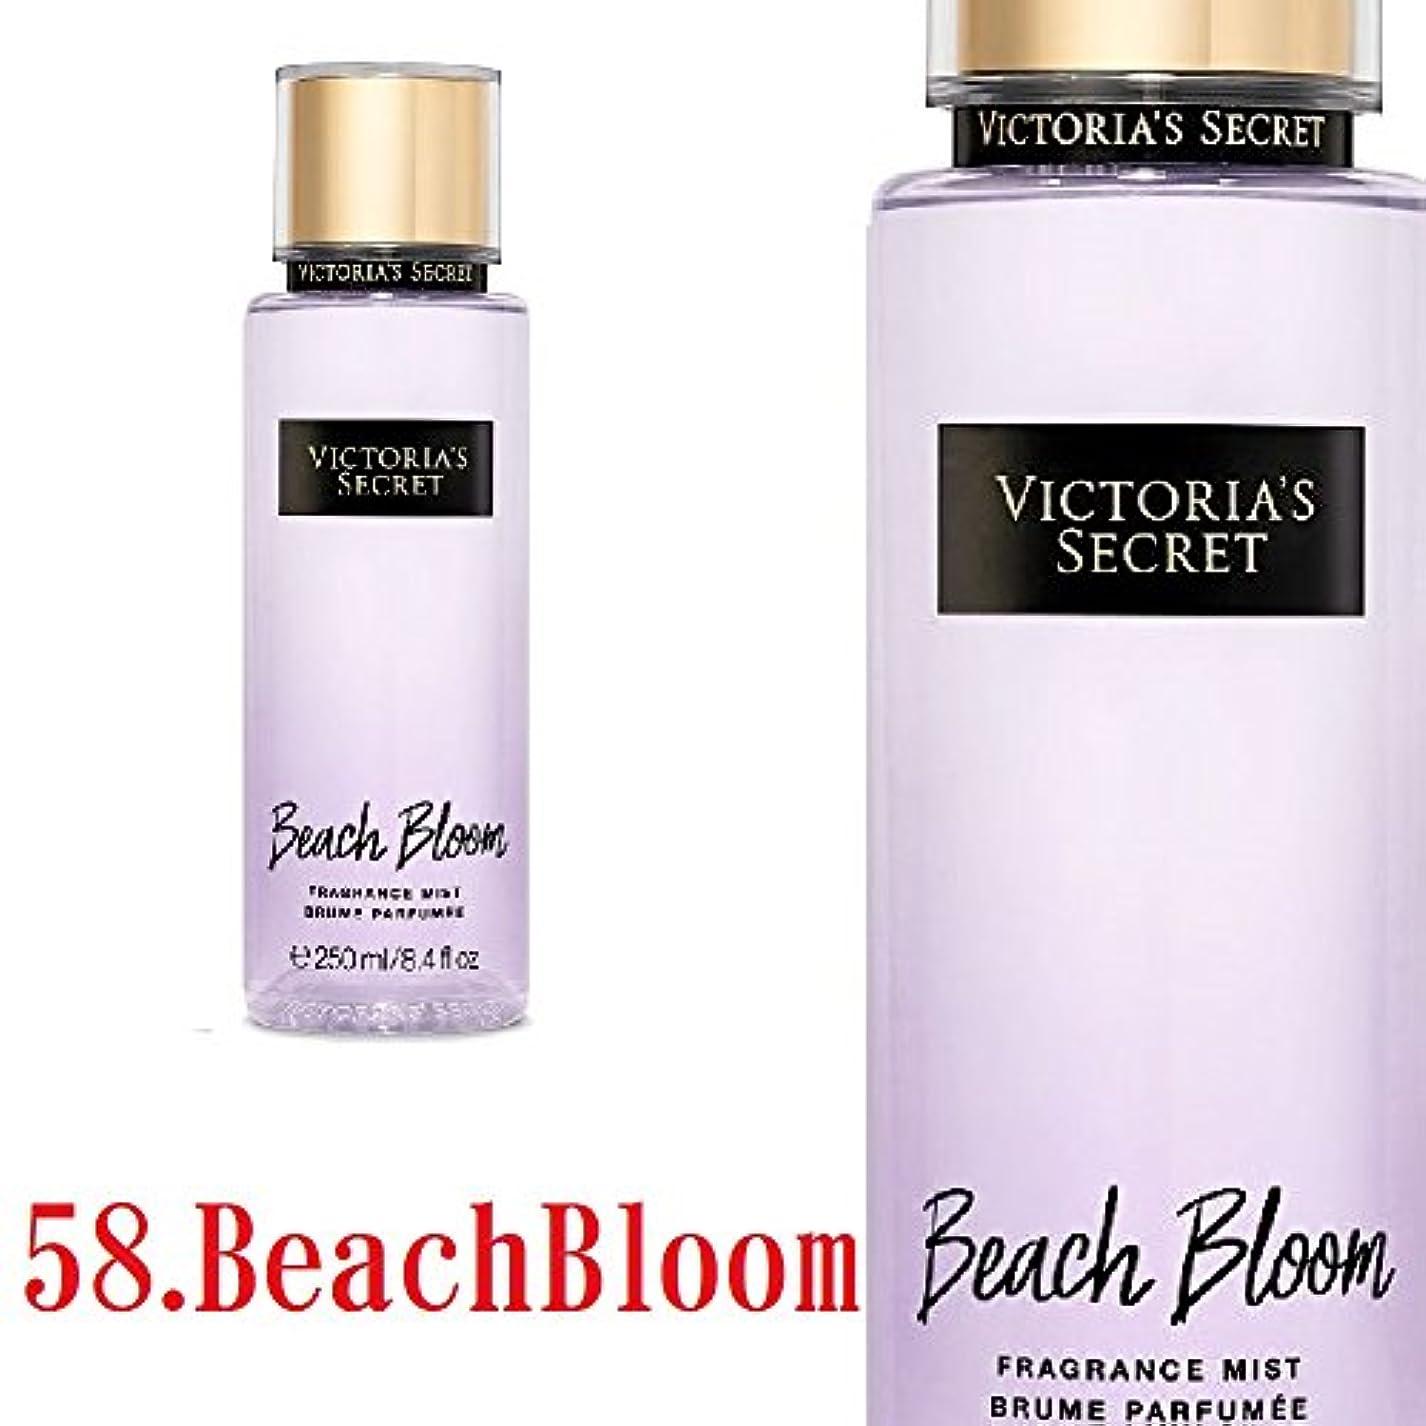 取得本能ハングフレグランスミスト Victoria'sSecretFantasies FragranceMist ヴィクトリアシークレット Victoria'sSecret (58.ビーチブルーム/BeachBloom) [並行輸入品]